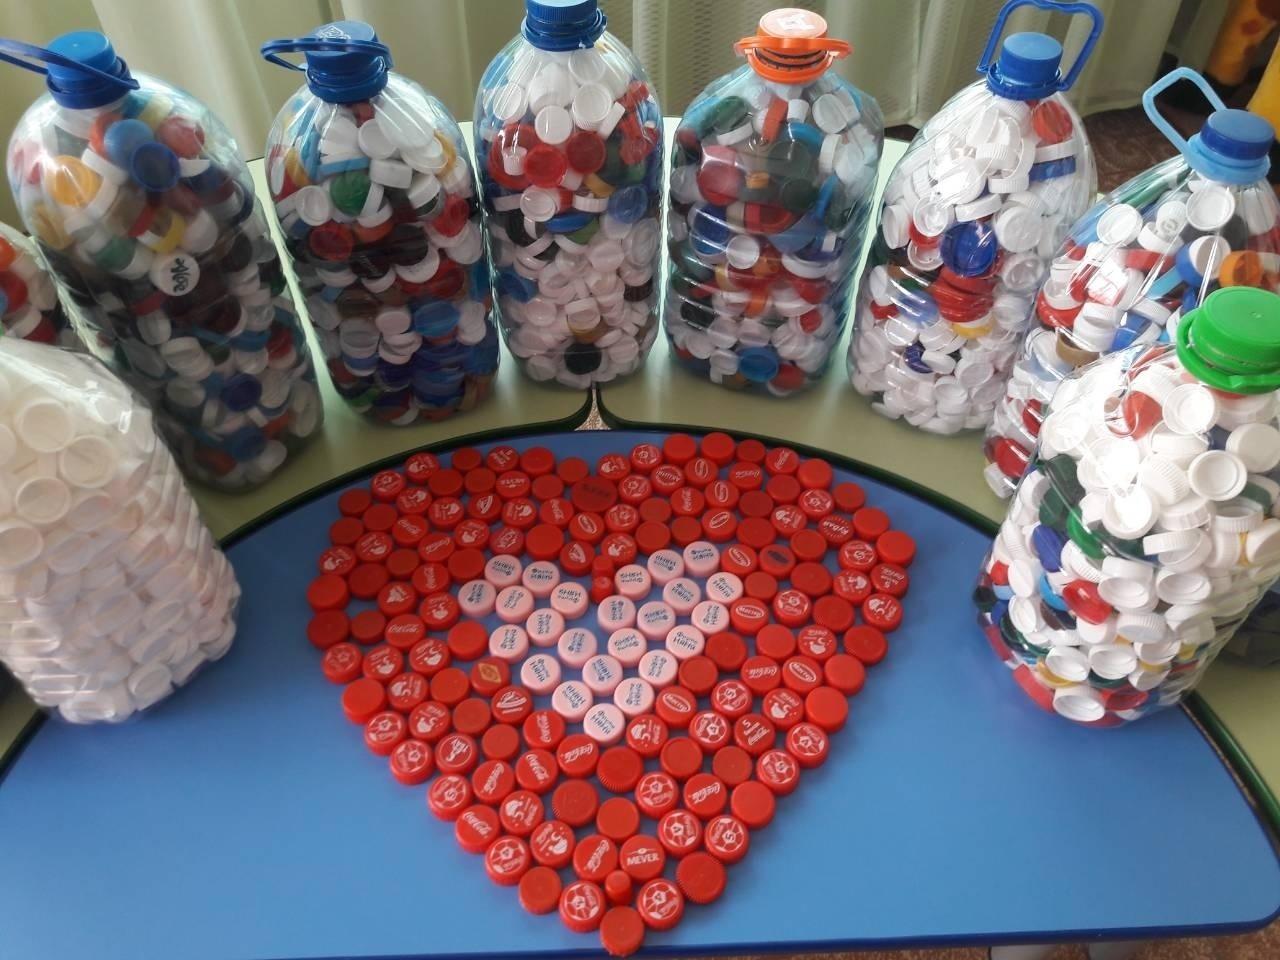 Ярославцы могут помочь детям, собирая пластиковые крышечки